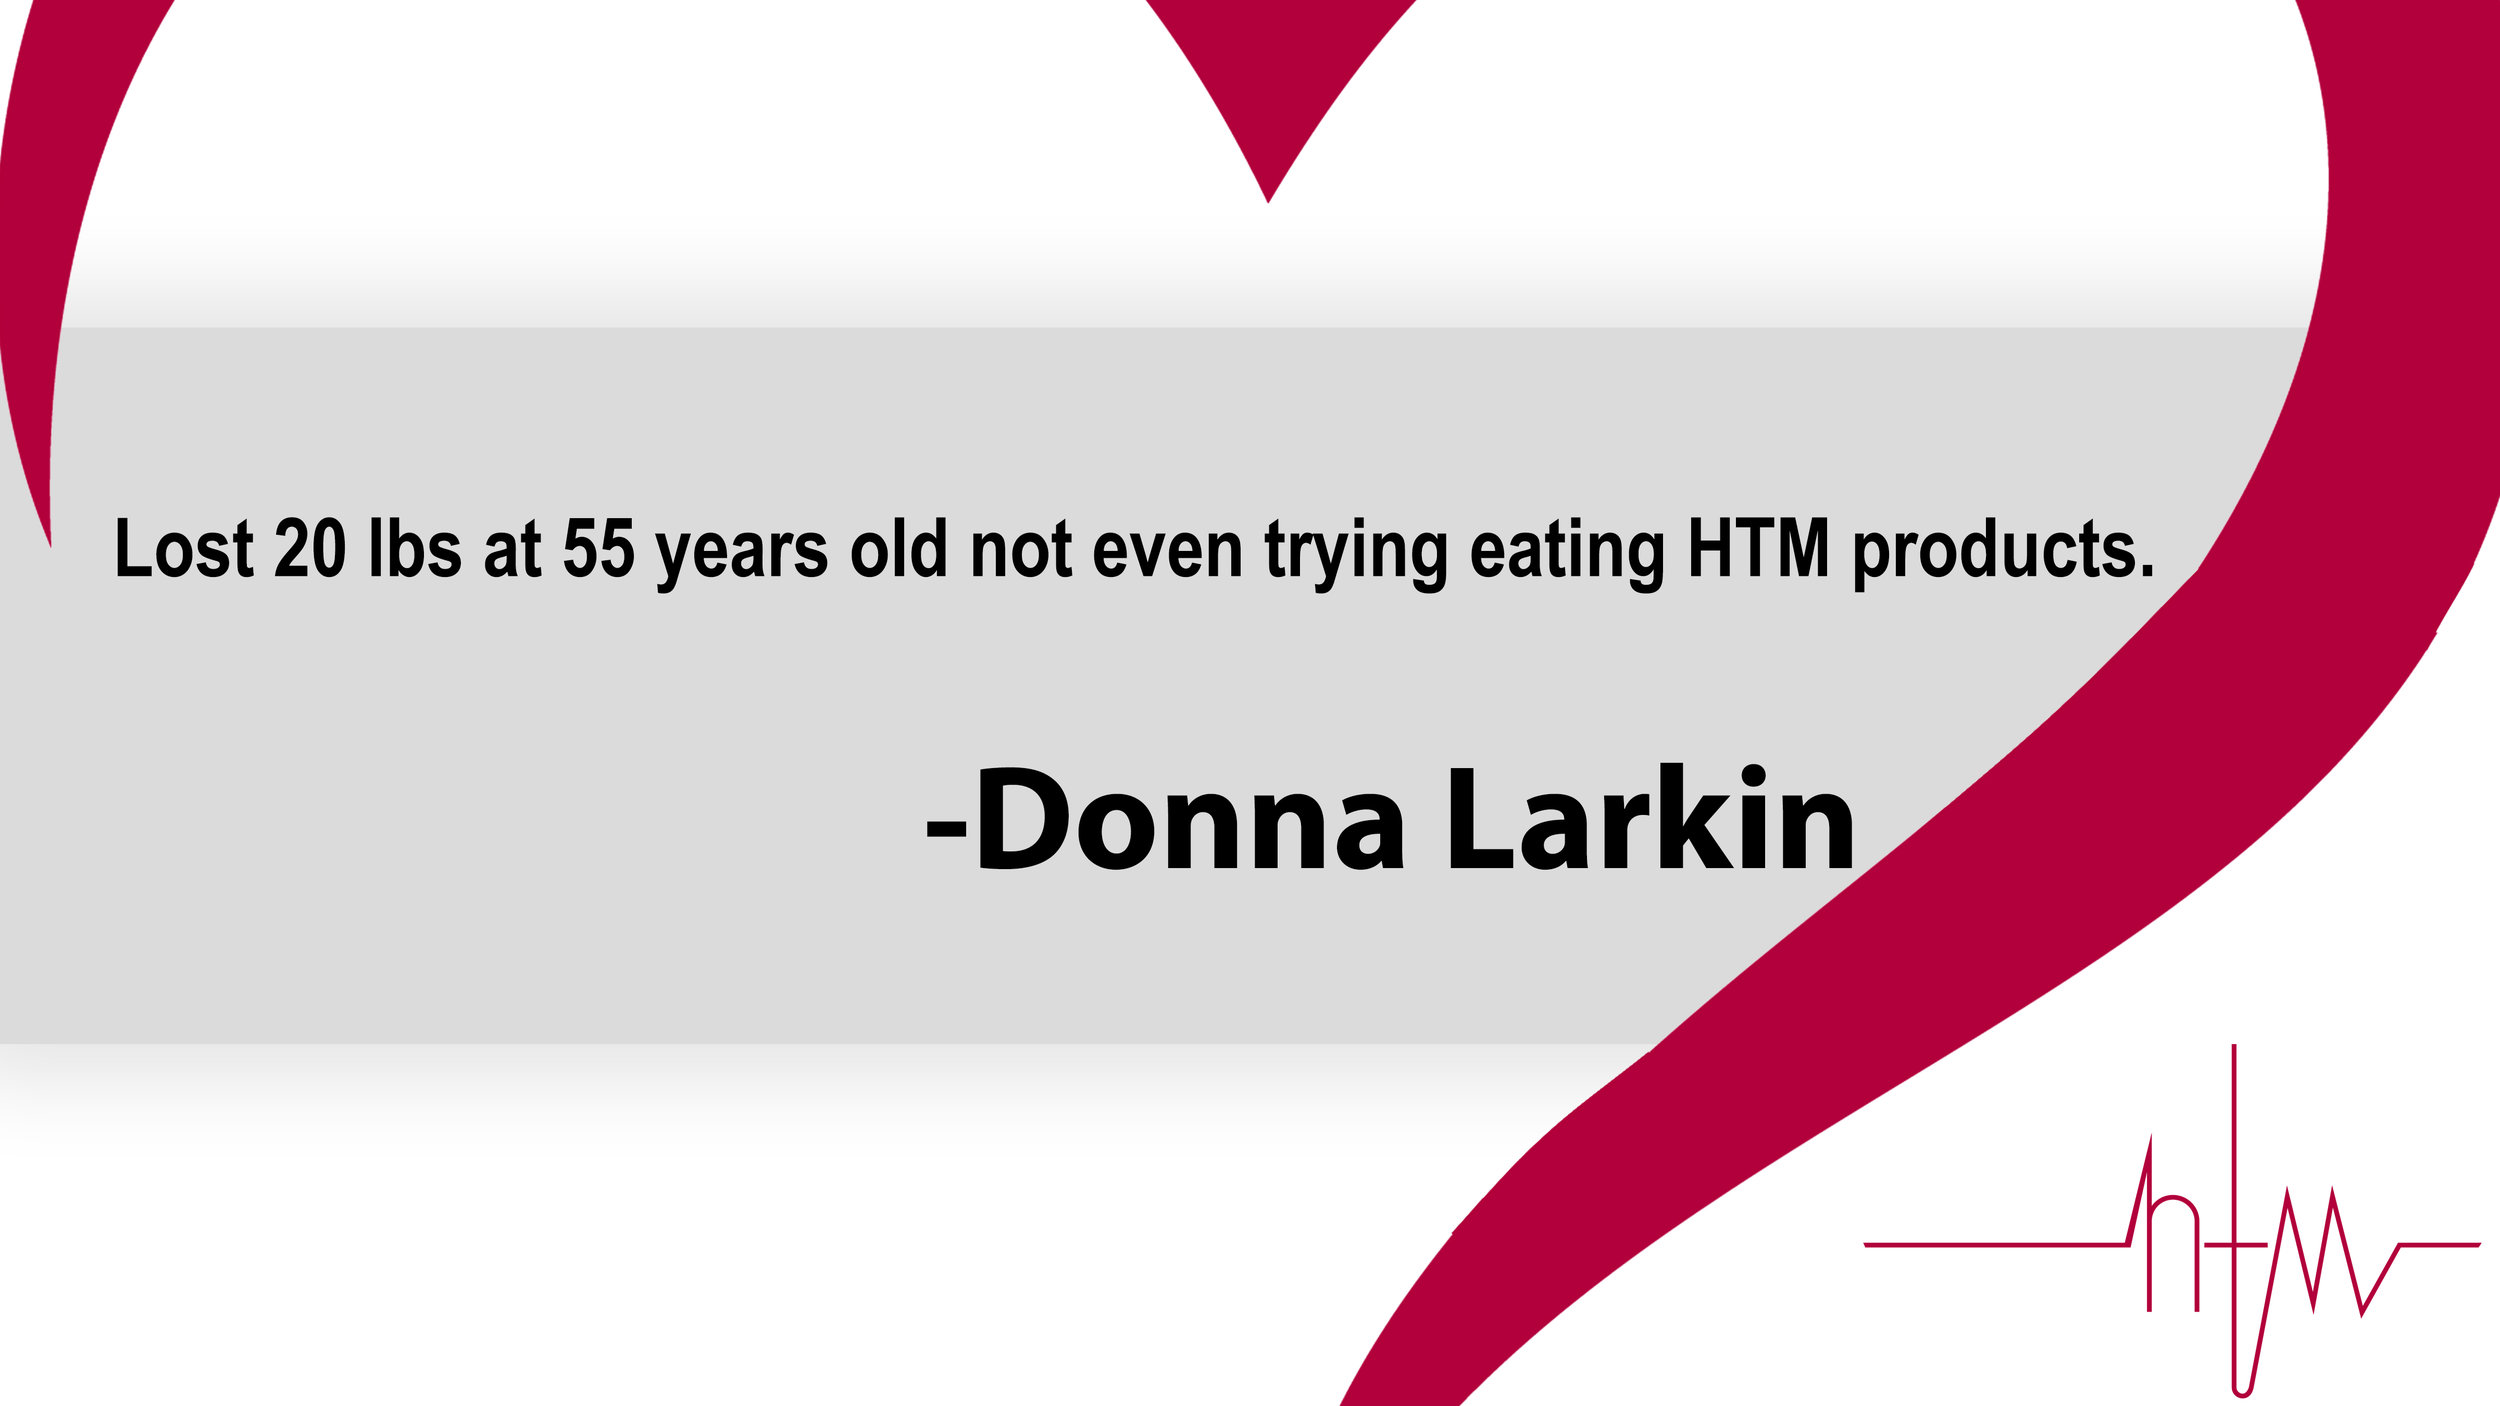 Donna_Larkin_Testimony.jpg